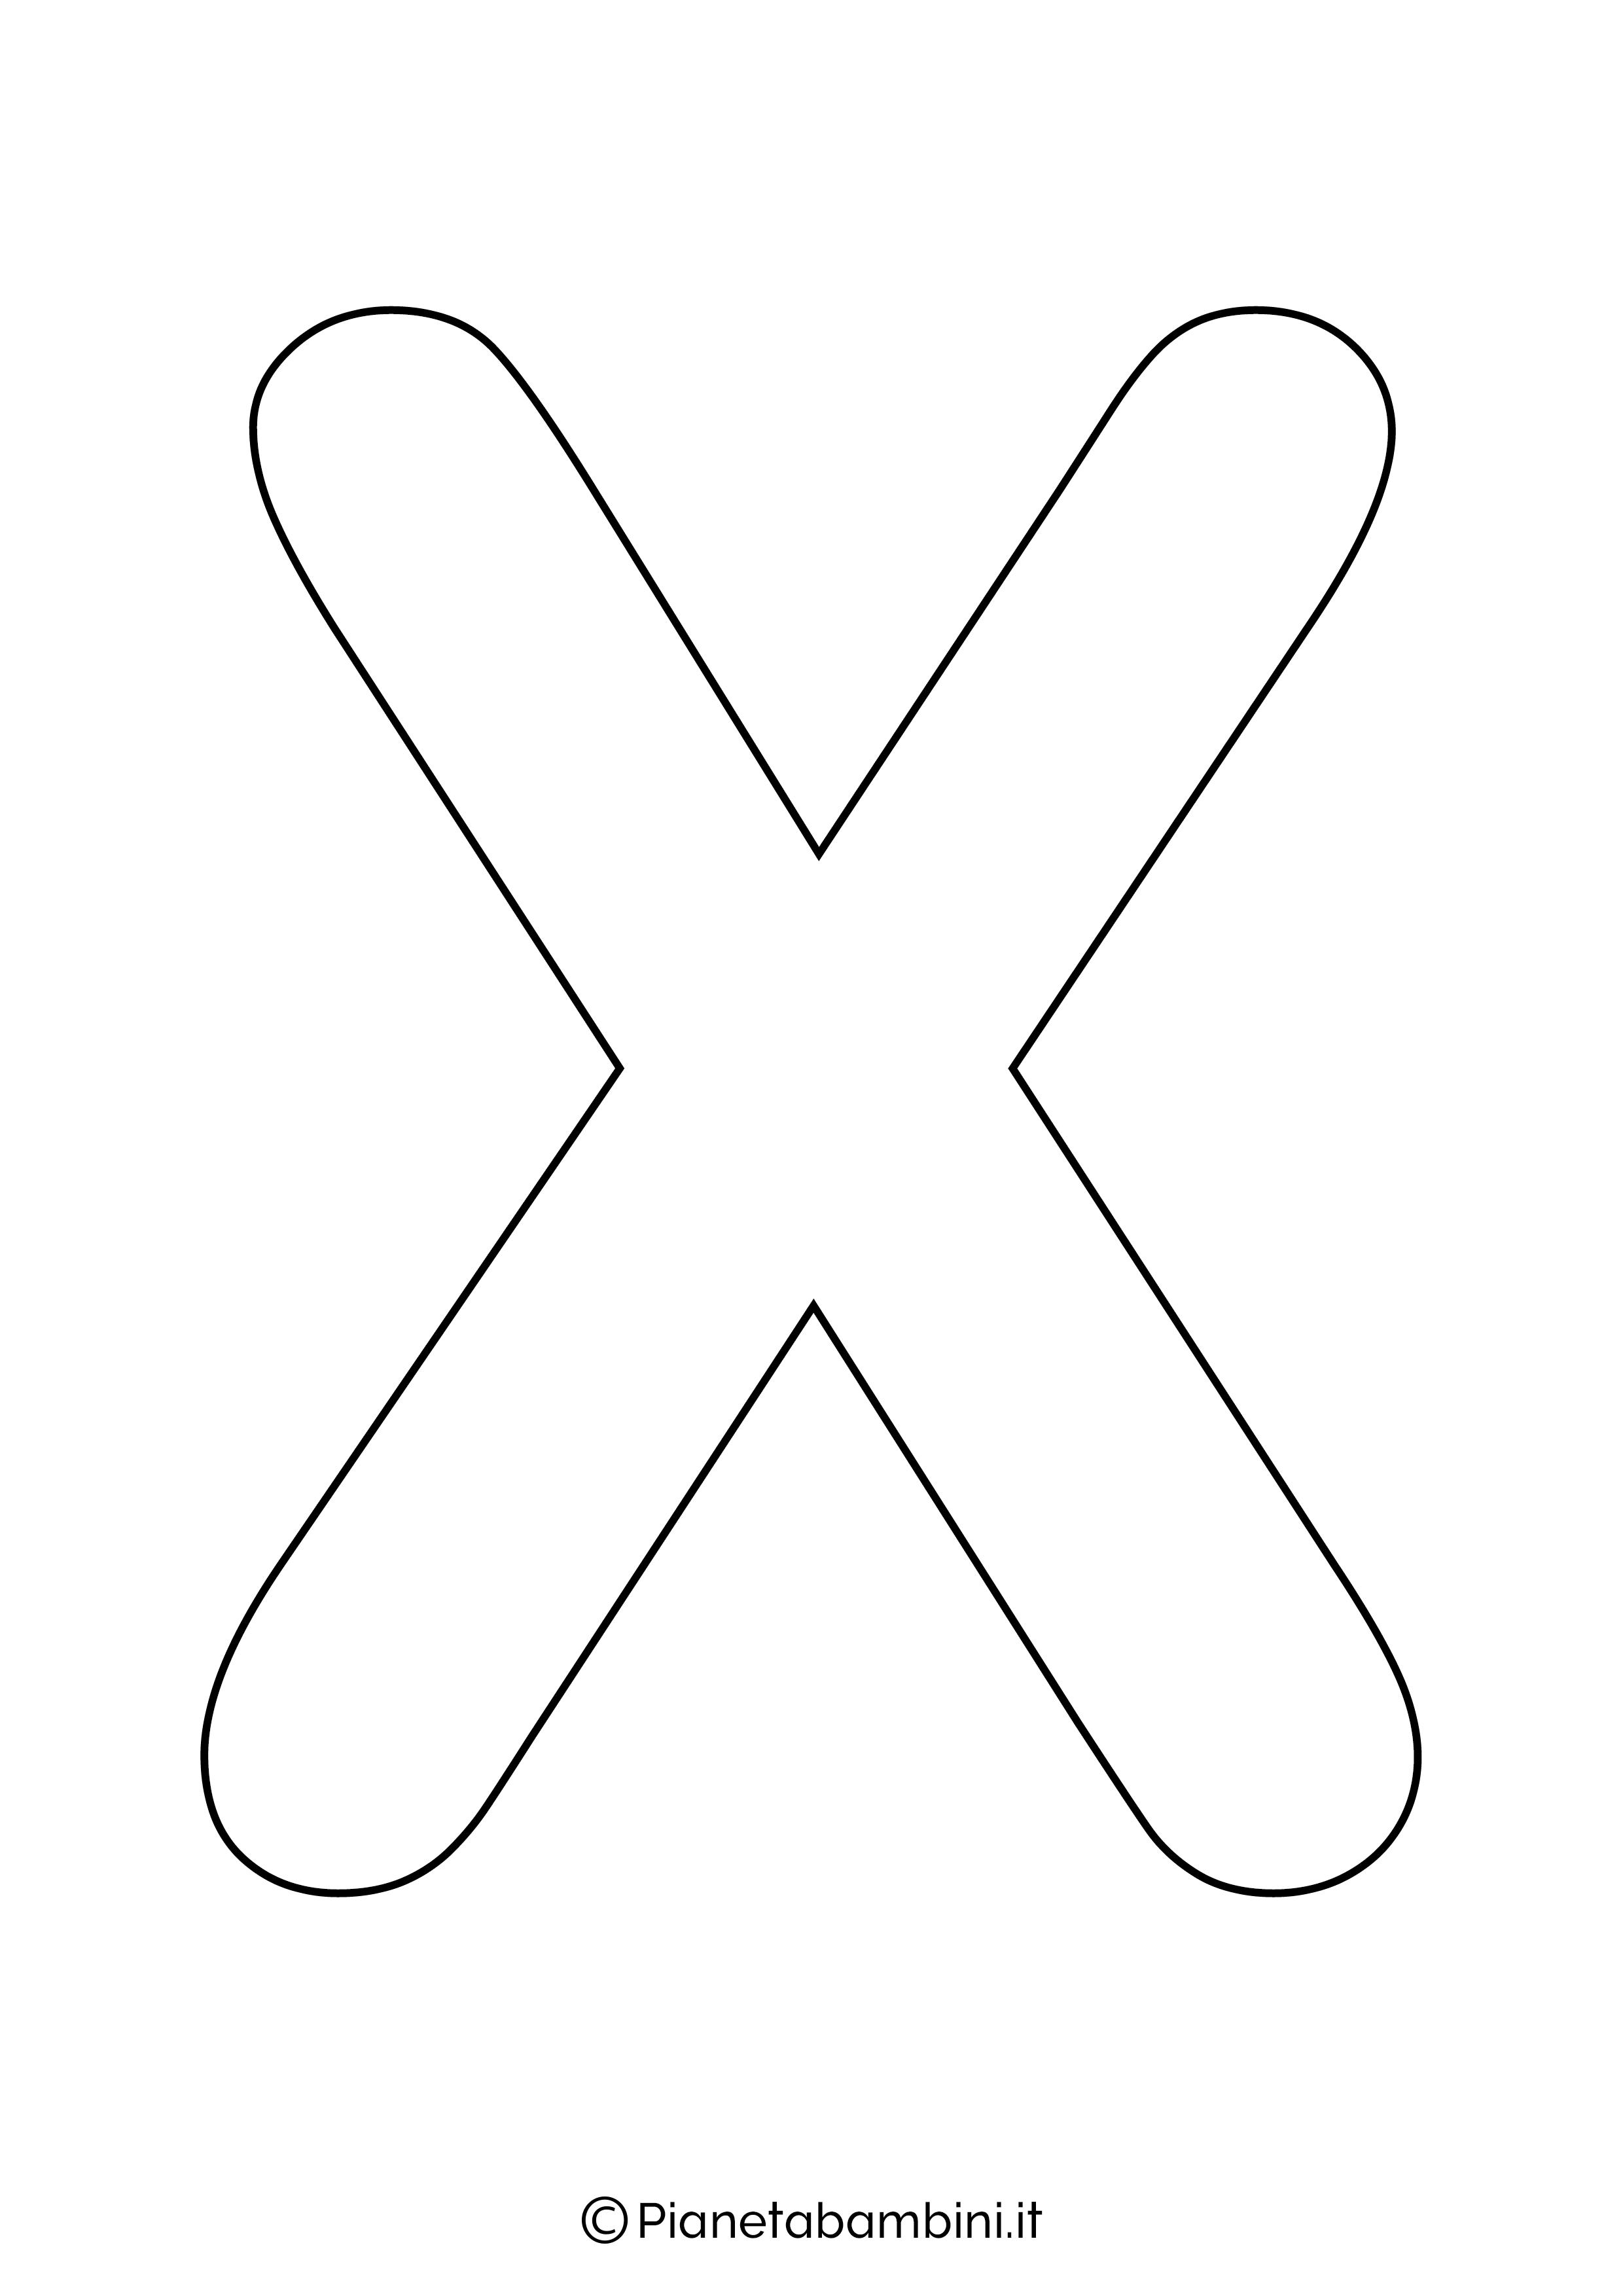 Lettera X maiuscola da stampare